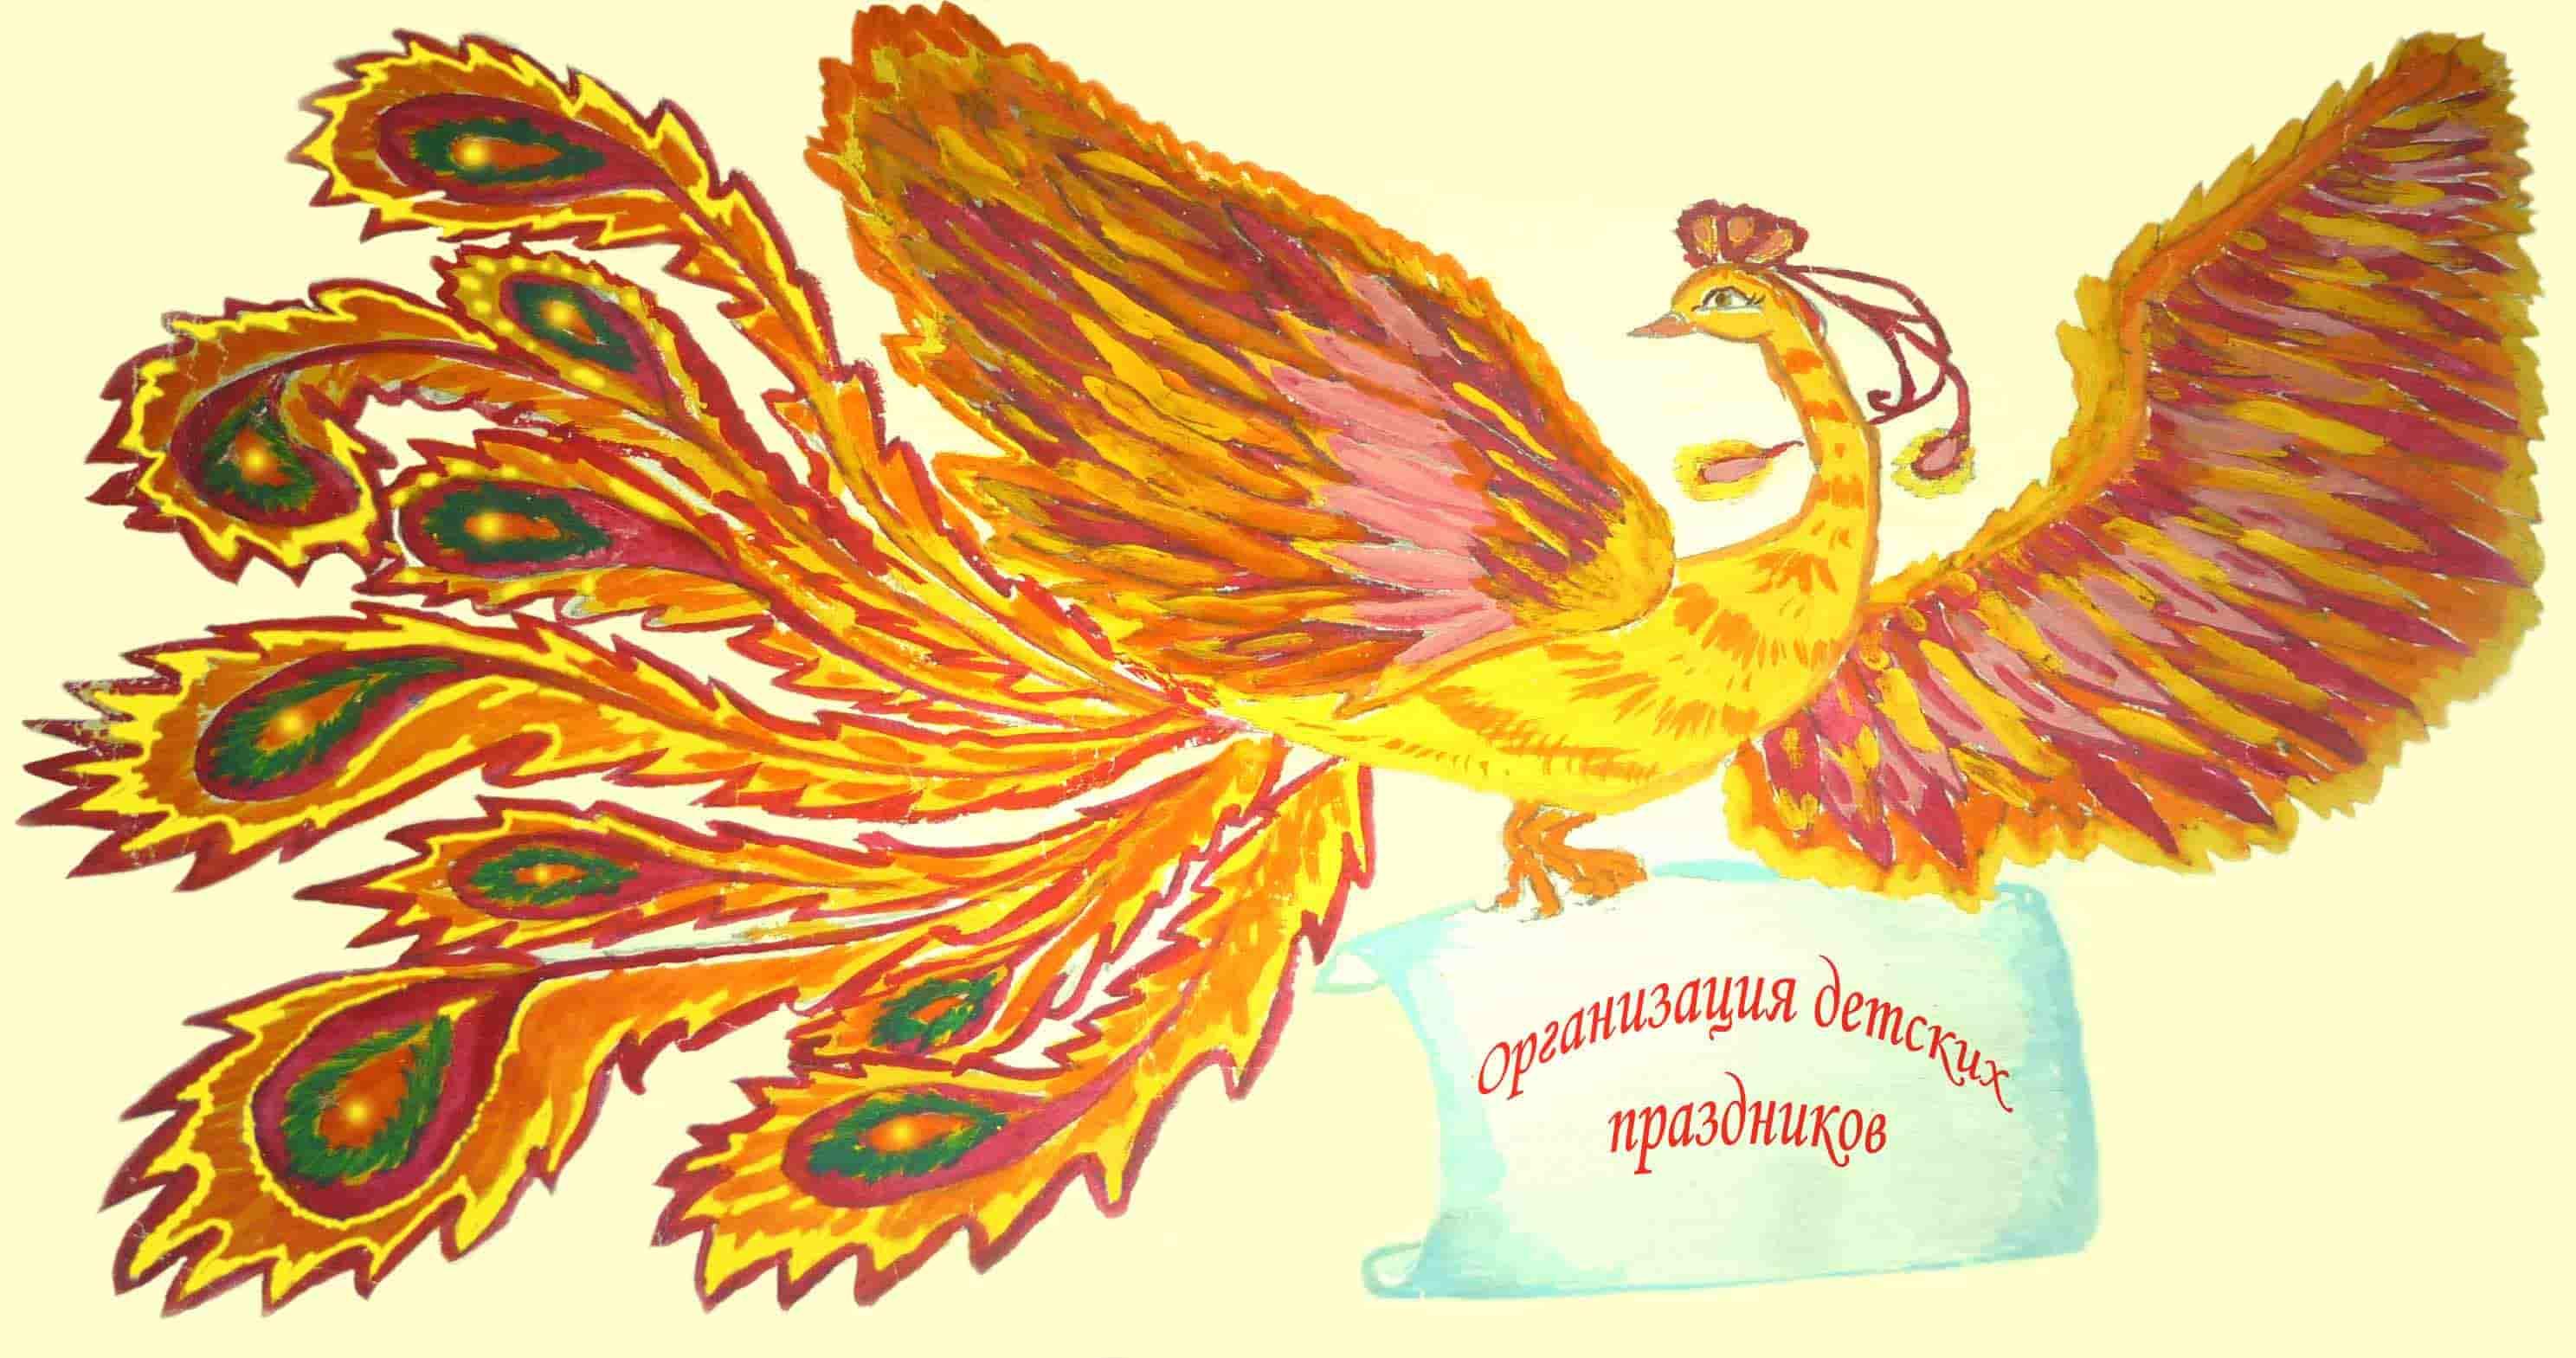 барби рапунцель и дракон игра скачать торрент